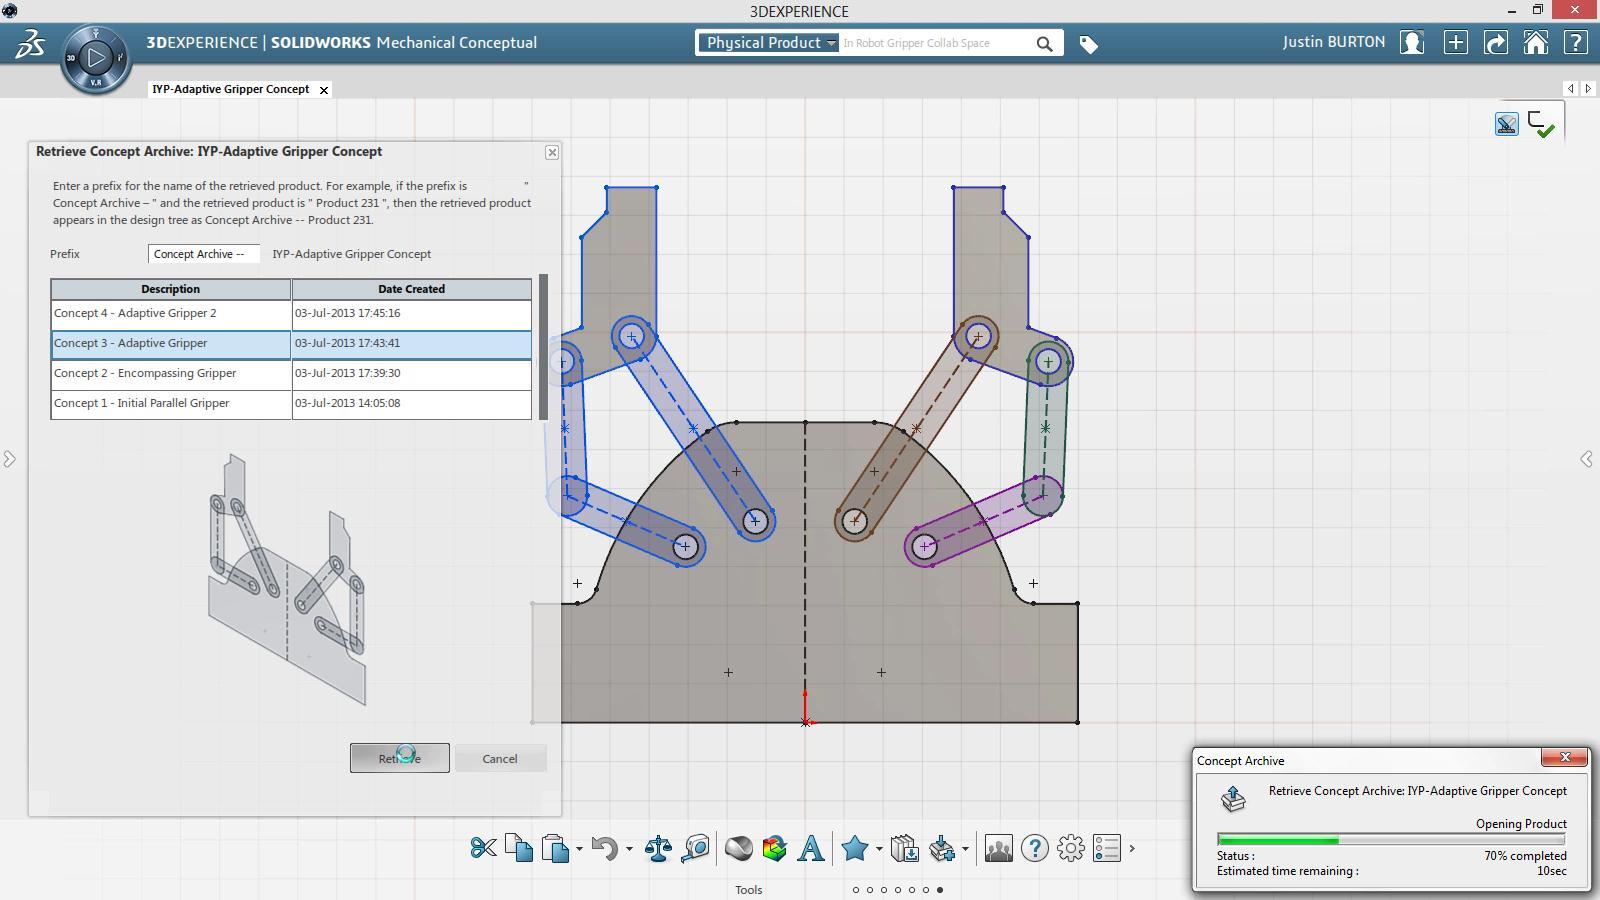 Revolucione o Conceito da Inovação com o SolidWorks Mechanical Conceptual